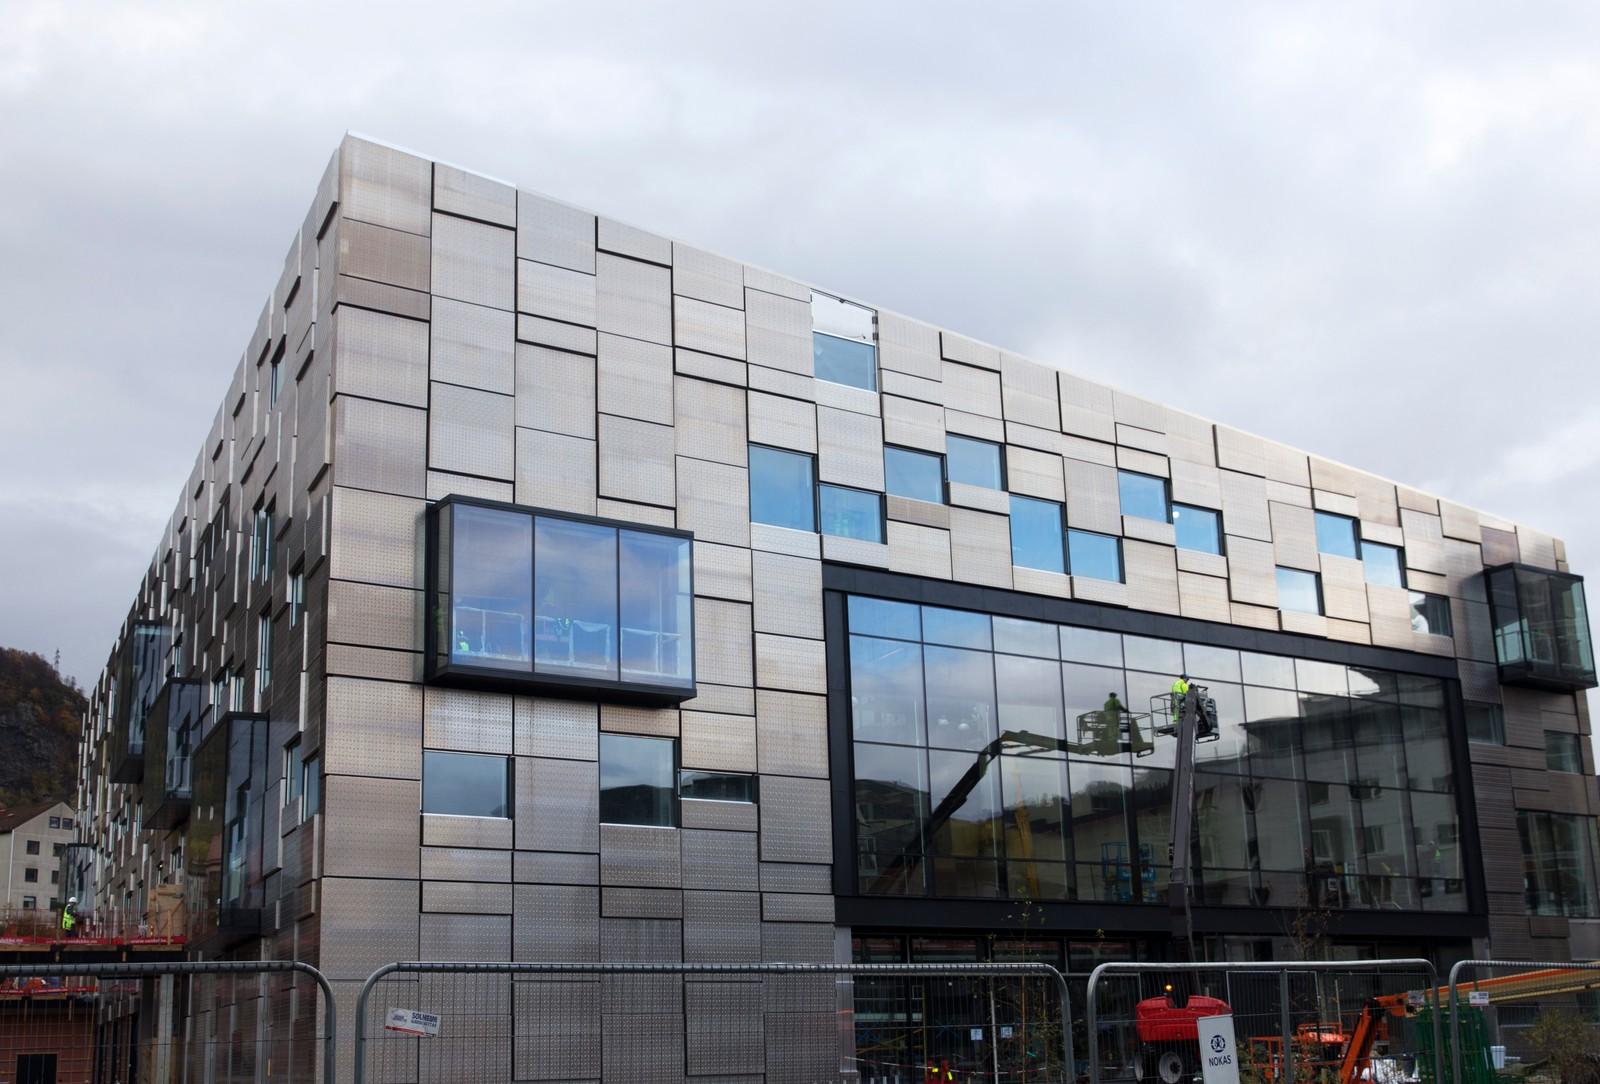 Fasaden på det nye bygget til Kunst- og designhøgskolen i Bergen.